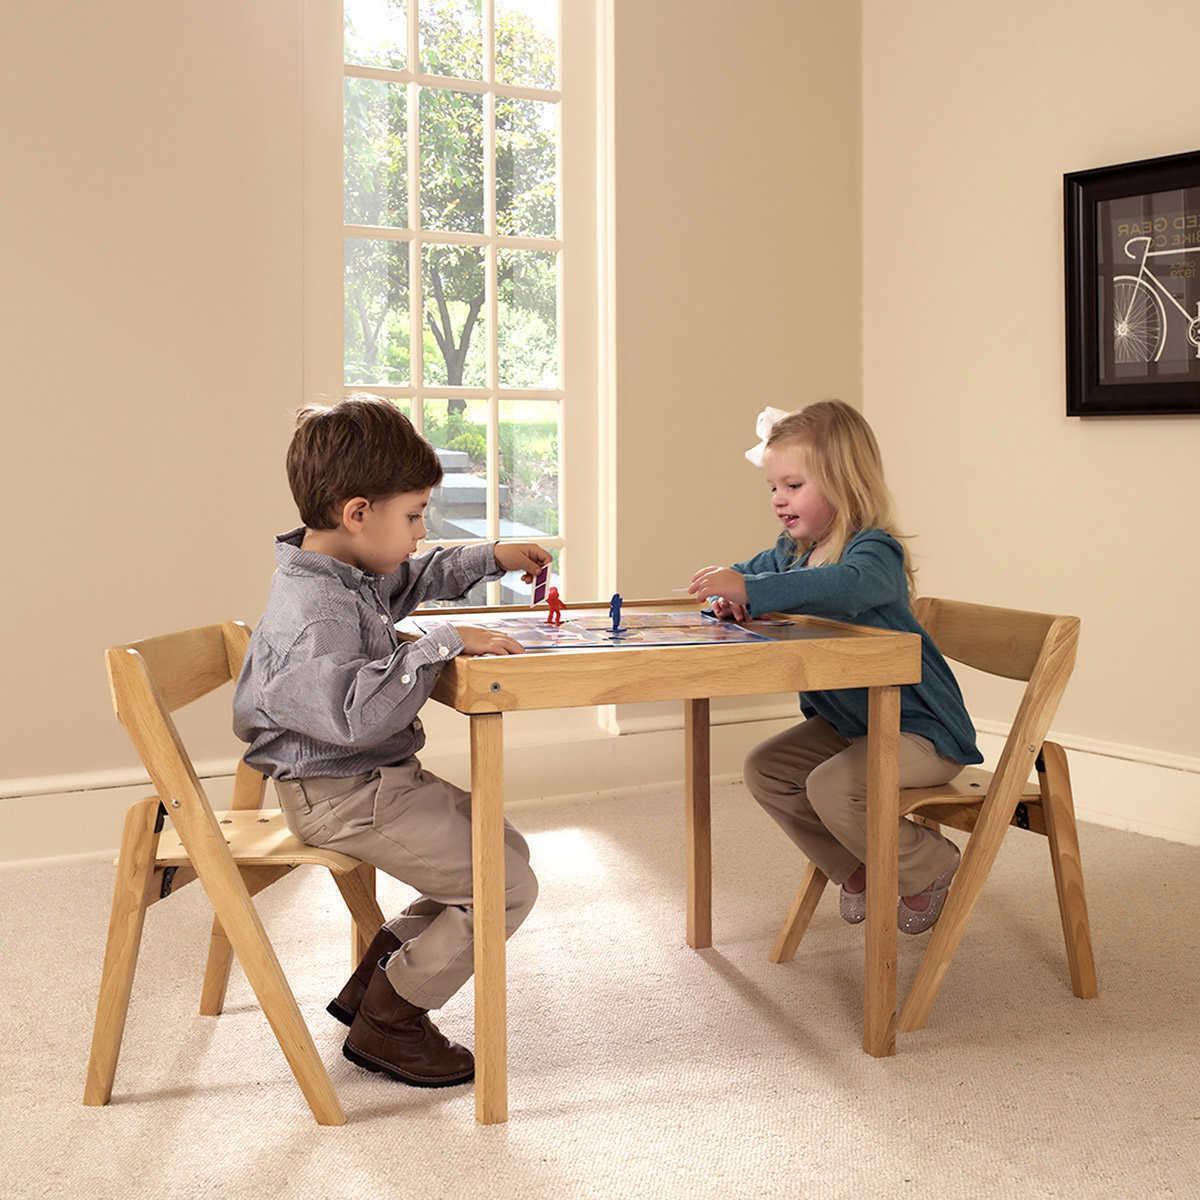 indoor furniture 3 piece set table